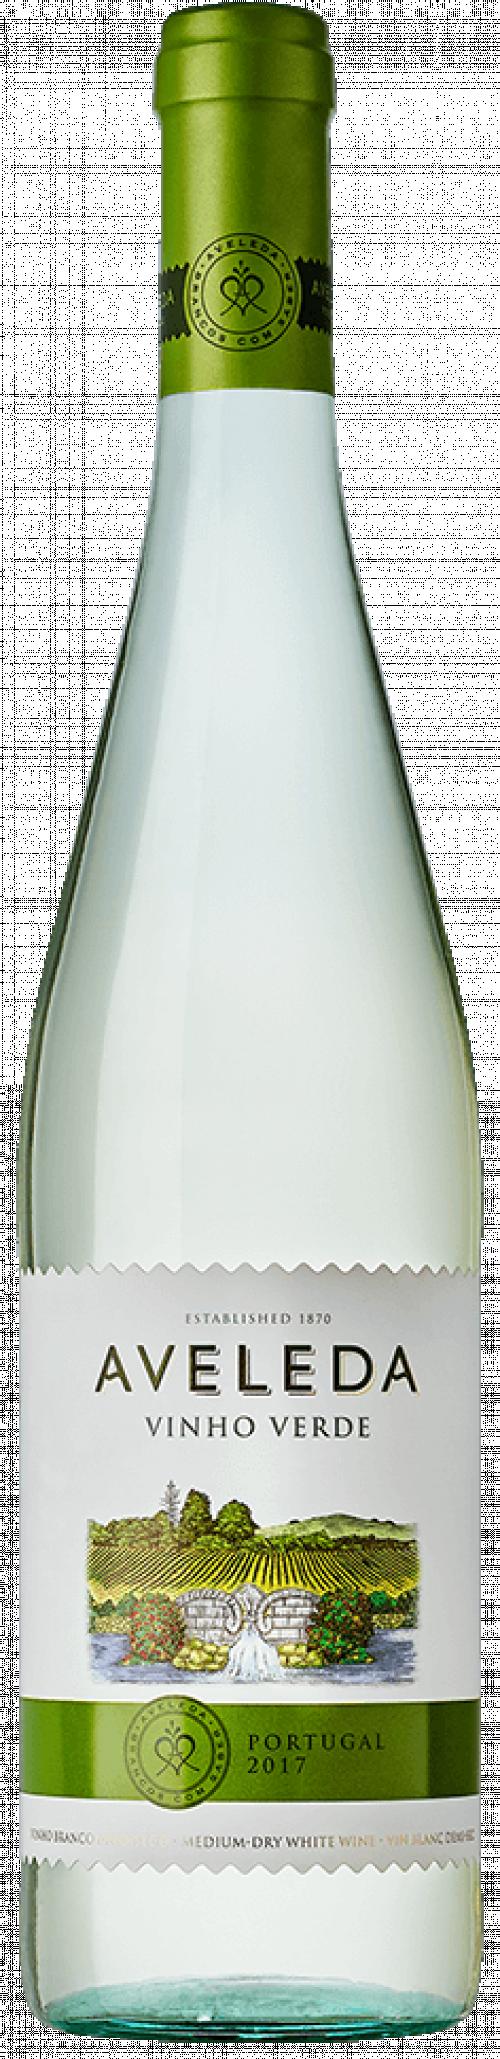 Aveleda Vinho Verde 750ml NV